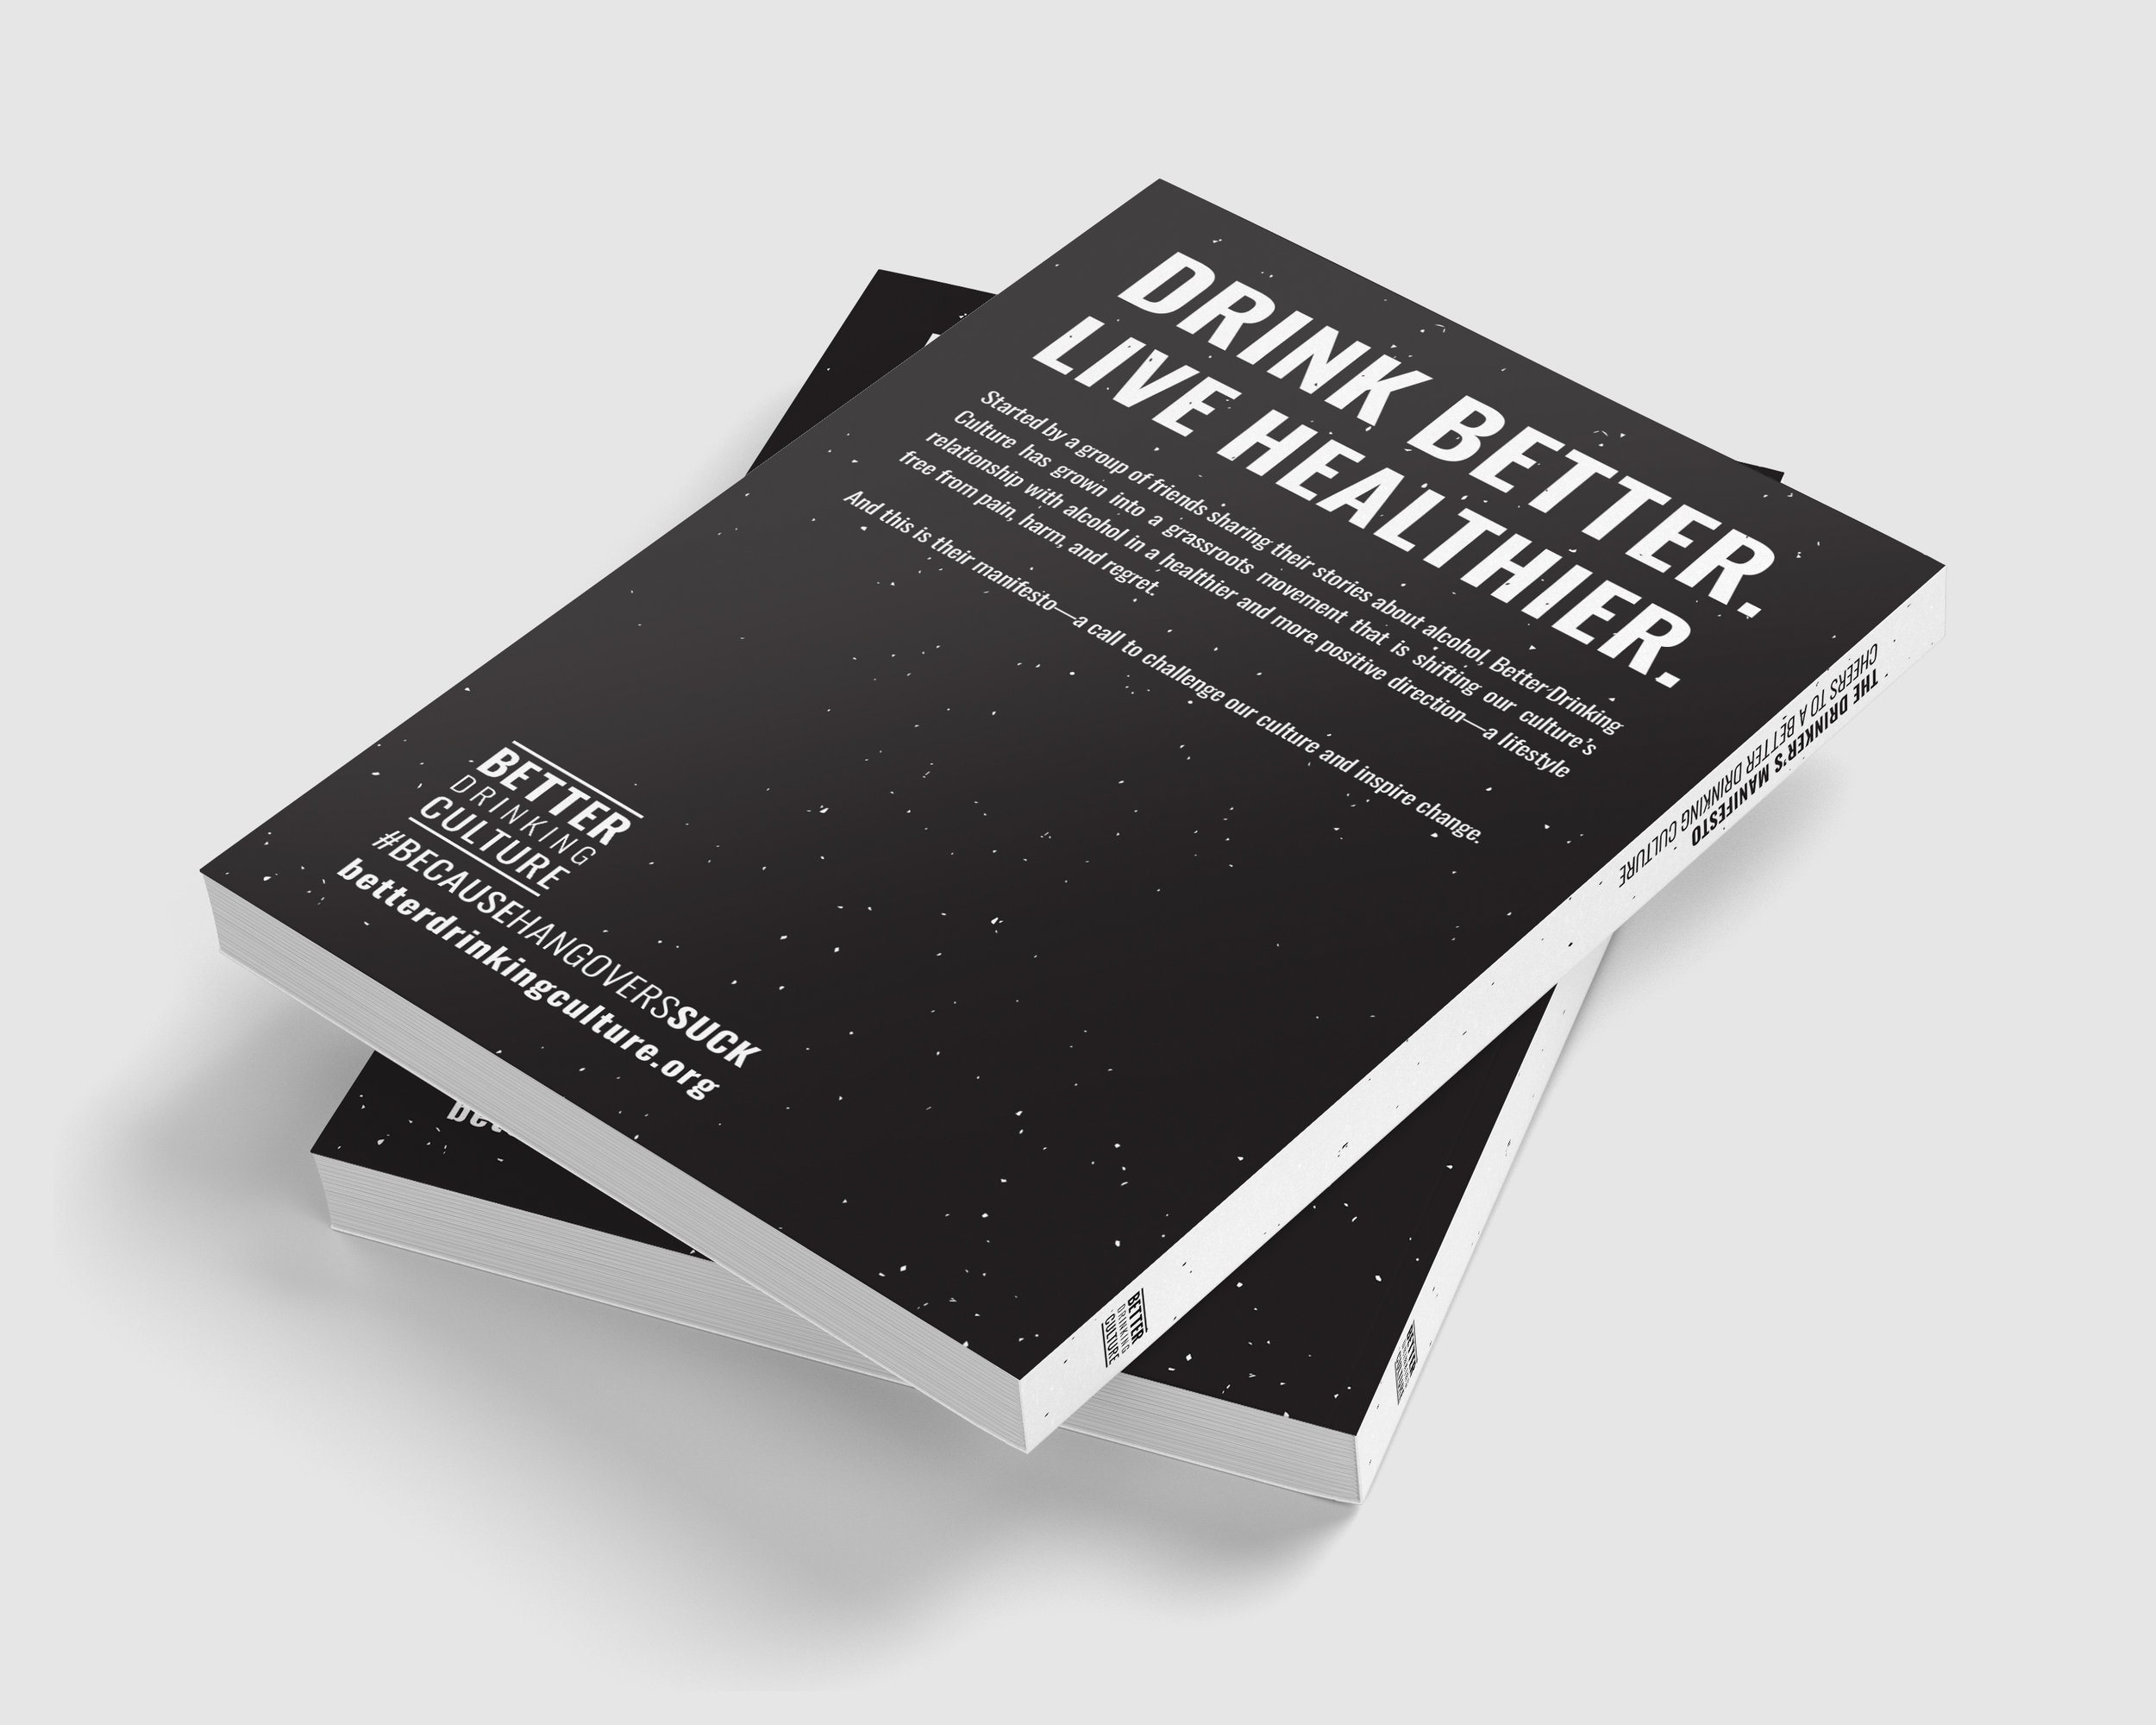 BDC_The Drinker's Manifesto_mockup_4 back cover_horizontal.jpg